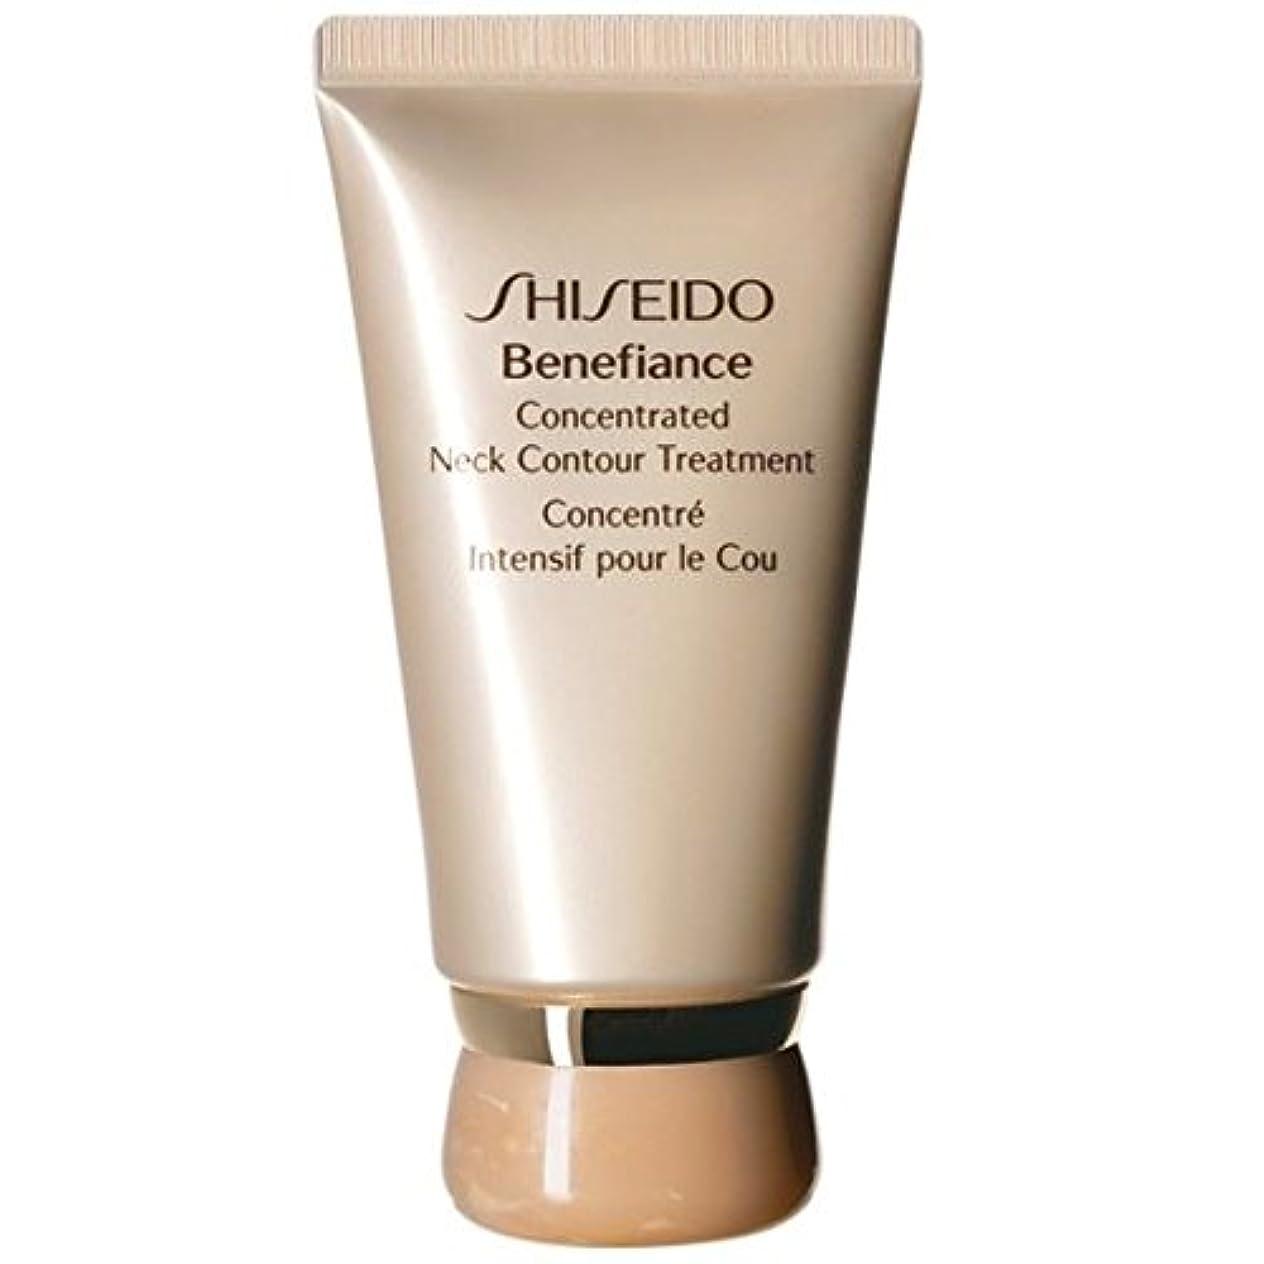 関数雑多な食器棚[Shiseido] 資生堂ベネフィアンス濃縮ネック輪郭処理50ミリリットル - Shiseido Benefiance Concentrated Neck Contour Treatment 50ml [並行輸入品]